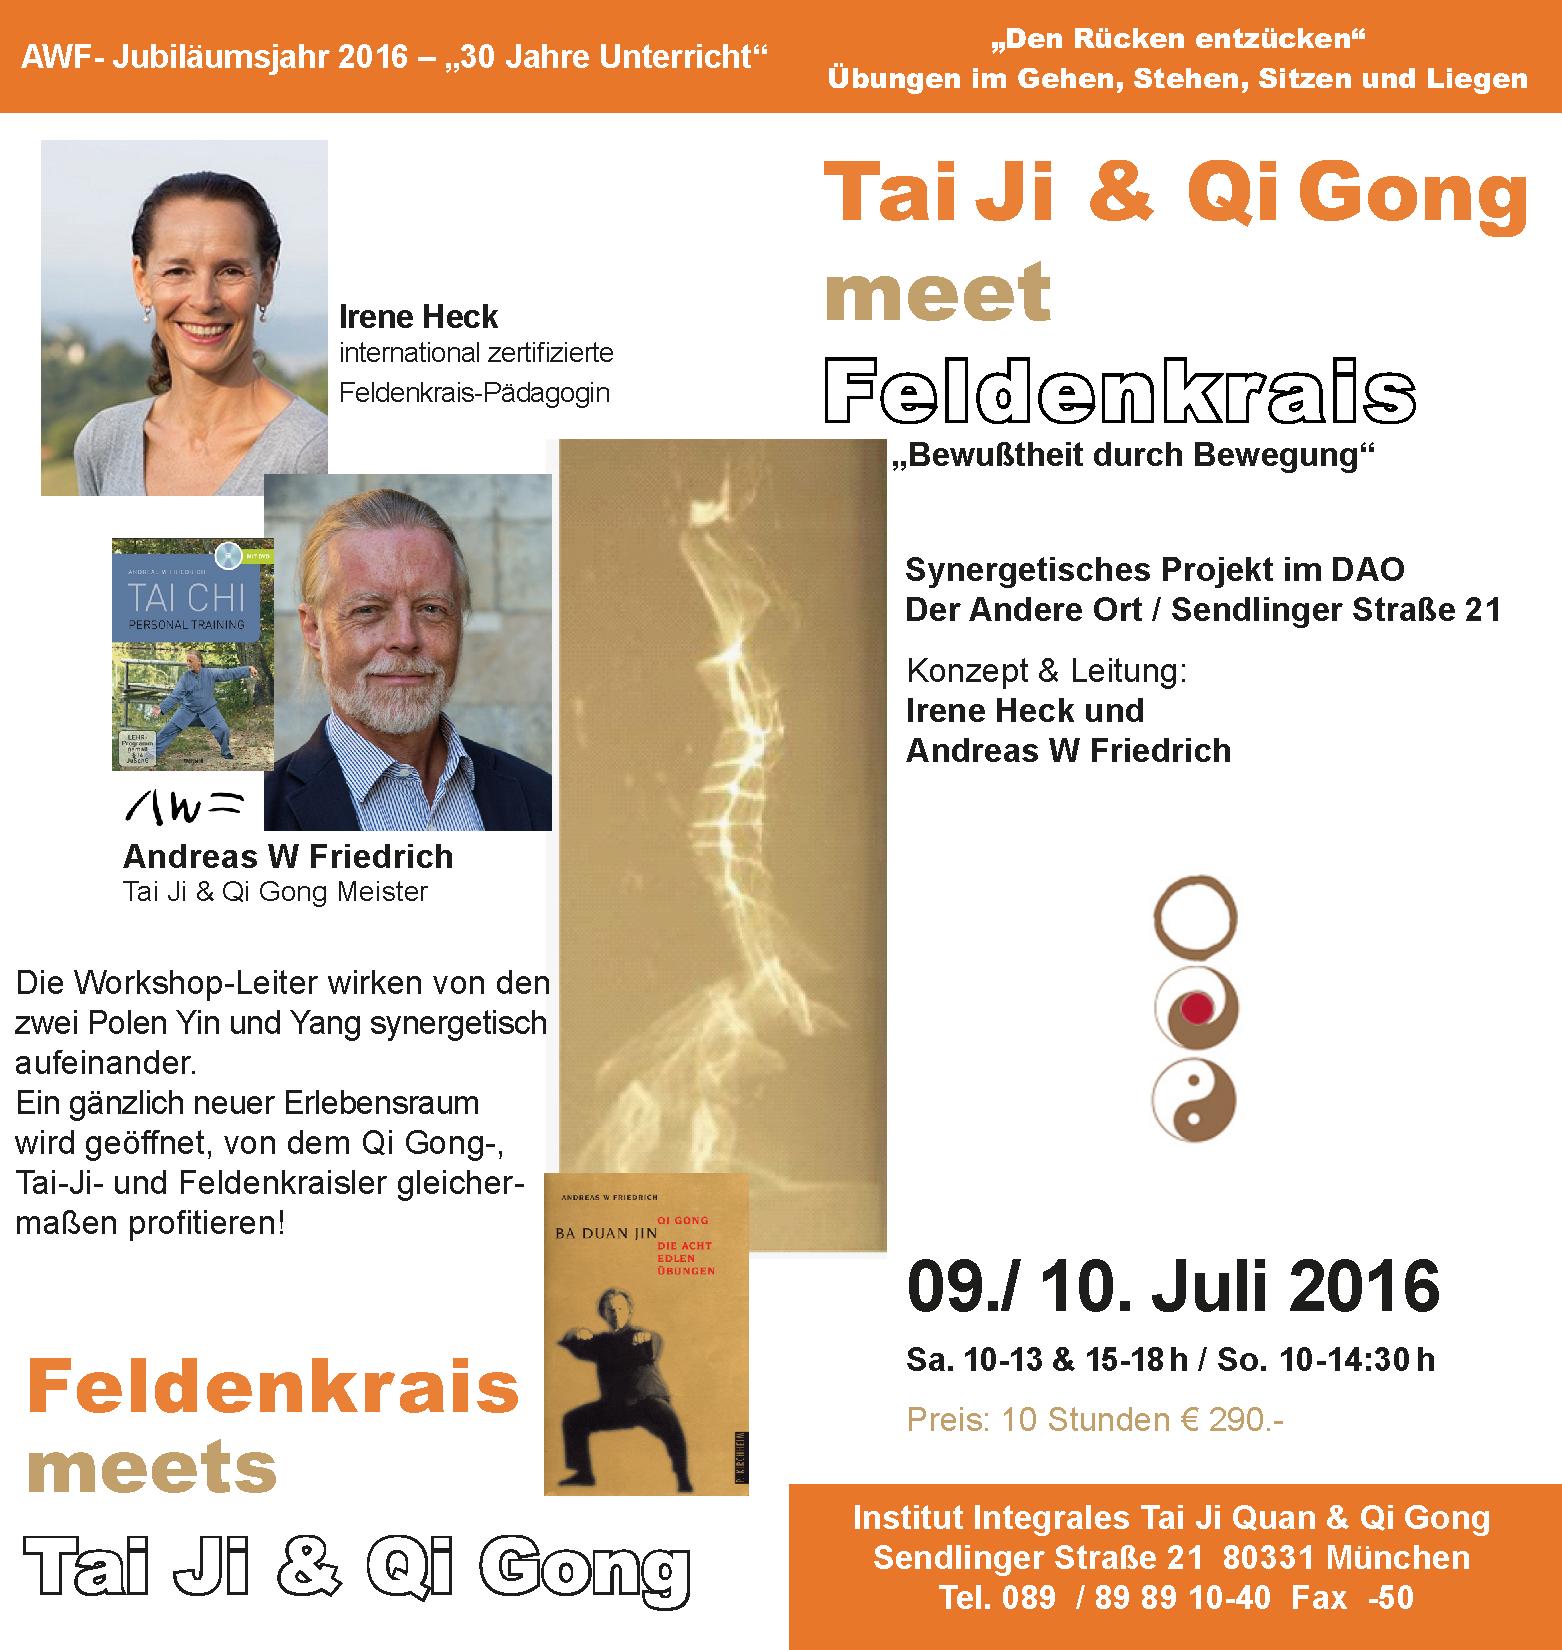 Synergetisches Projekt Tai Ji & Qi Gong meet Feldenkrais